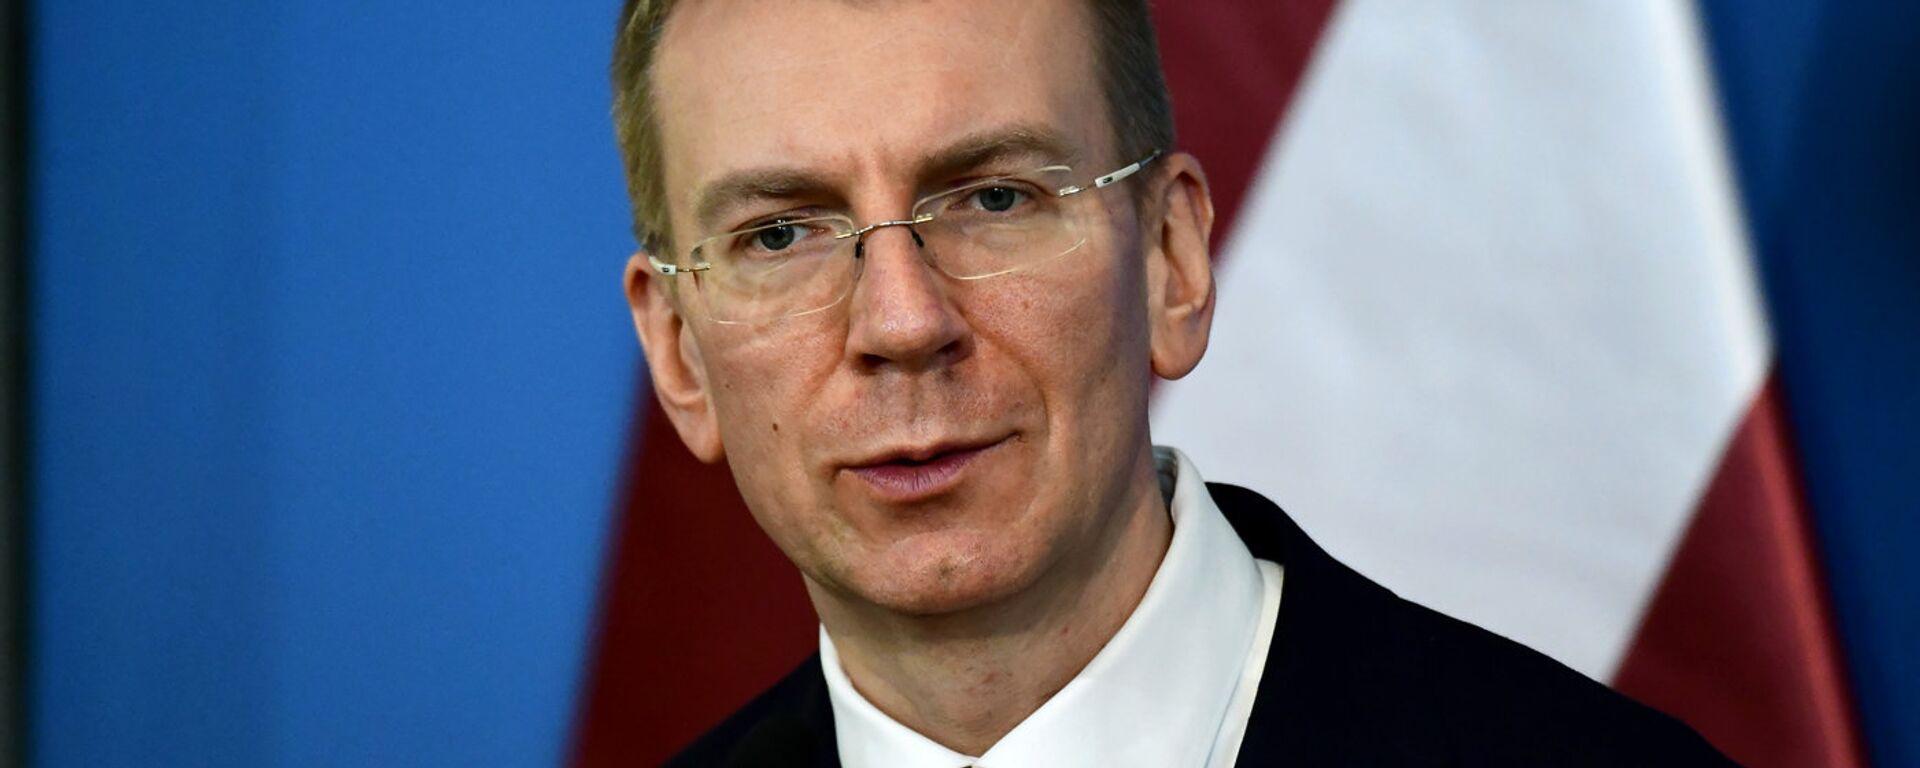 Министр иностранных дел Латвии Эдгар Ринкевич - Sputnik Латвия, 1920, 09.08.2021